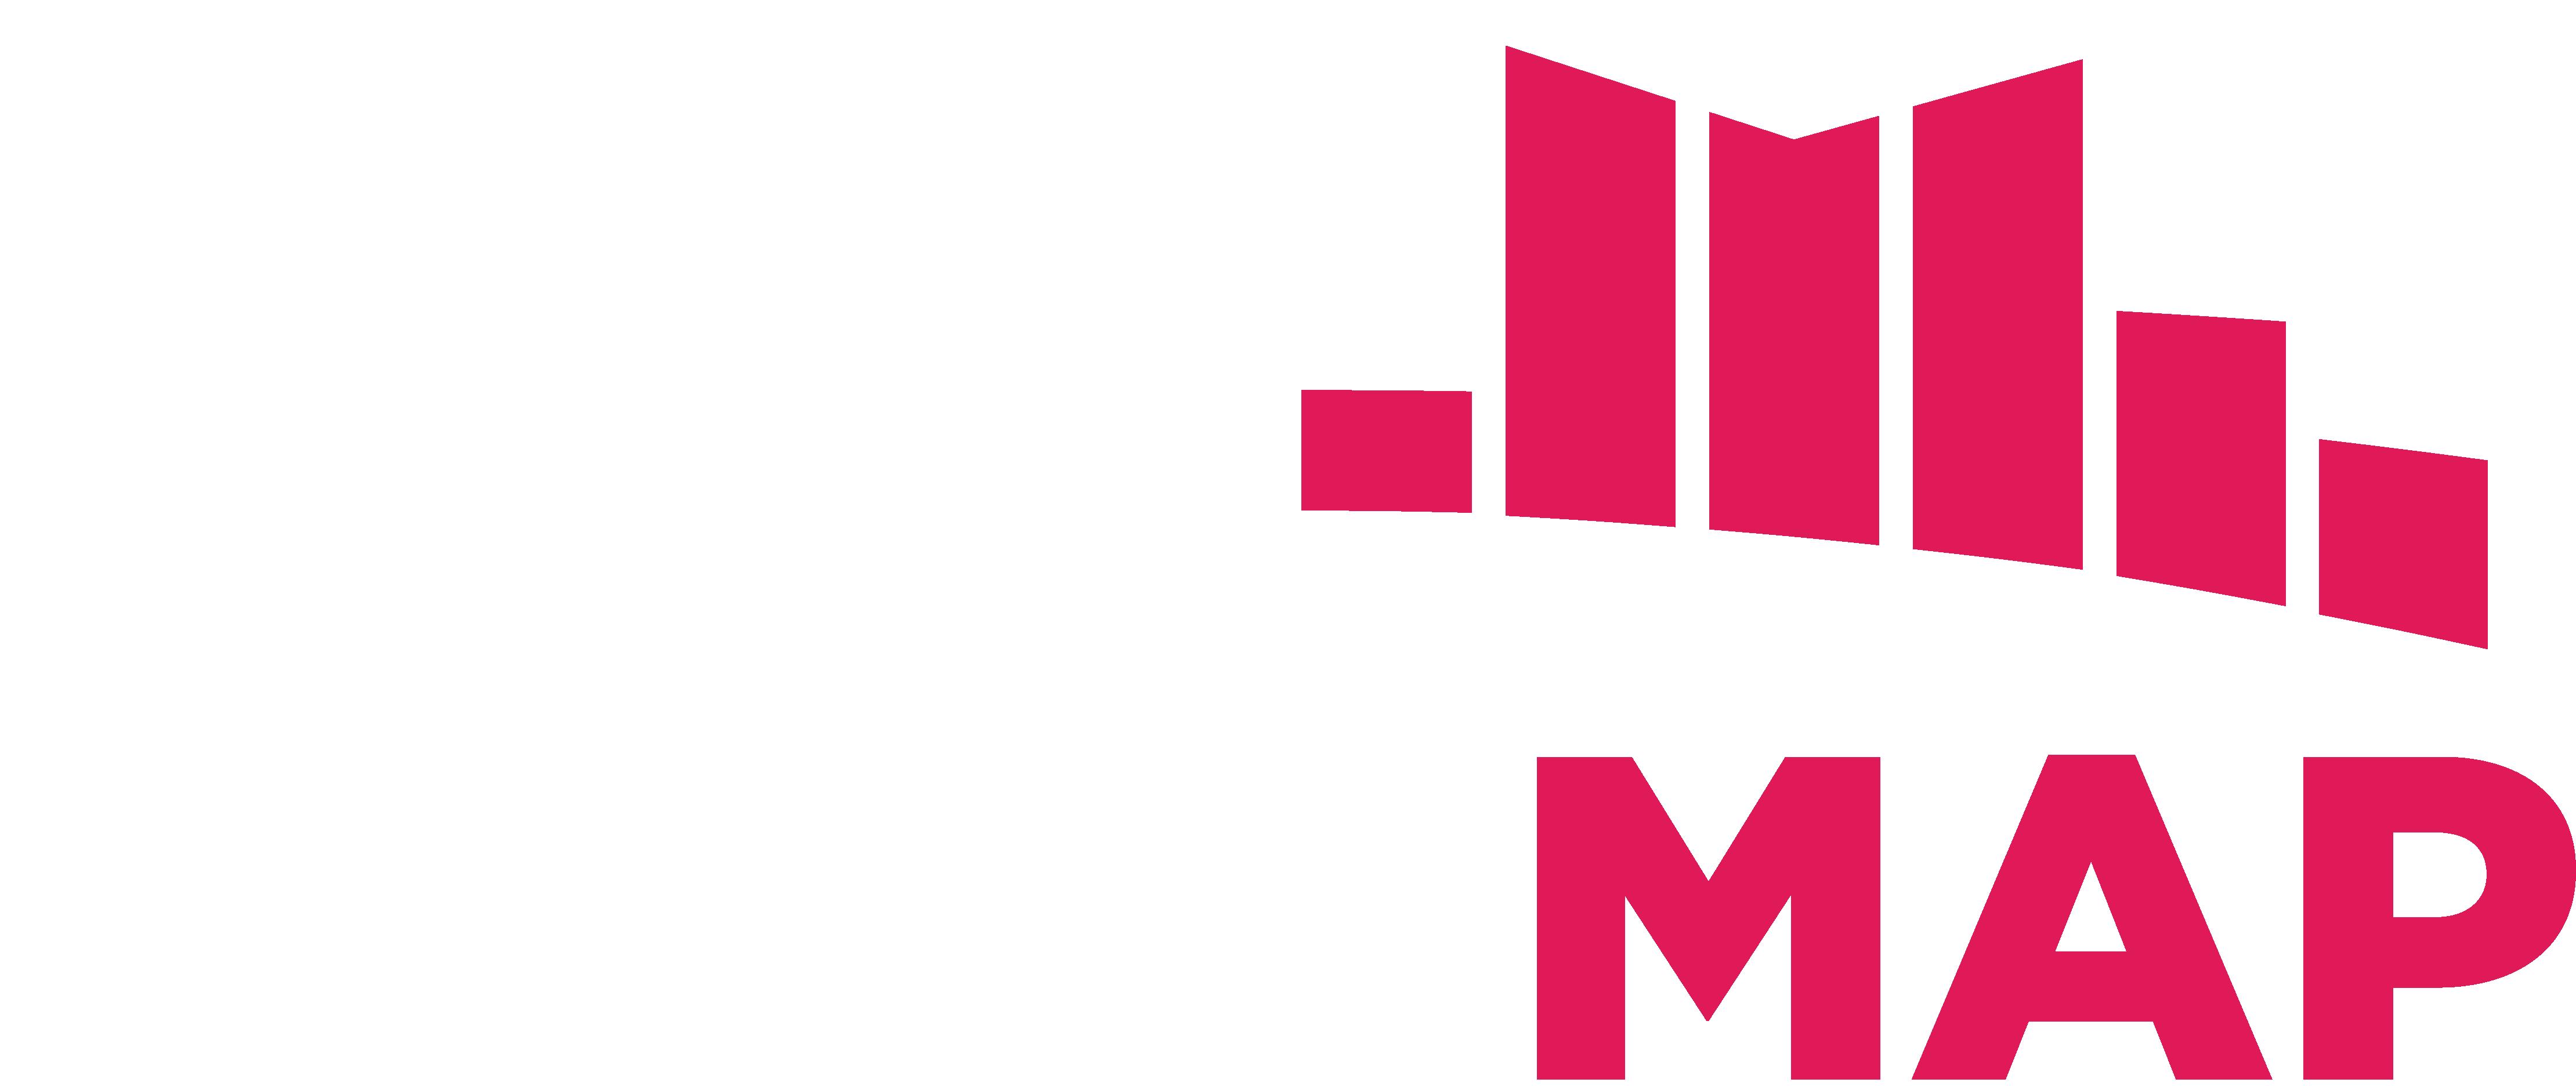 https://musicmap.tv/